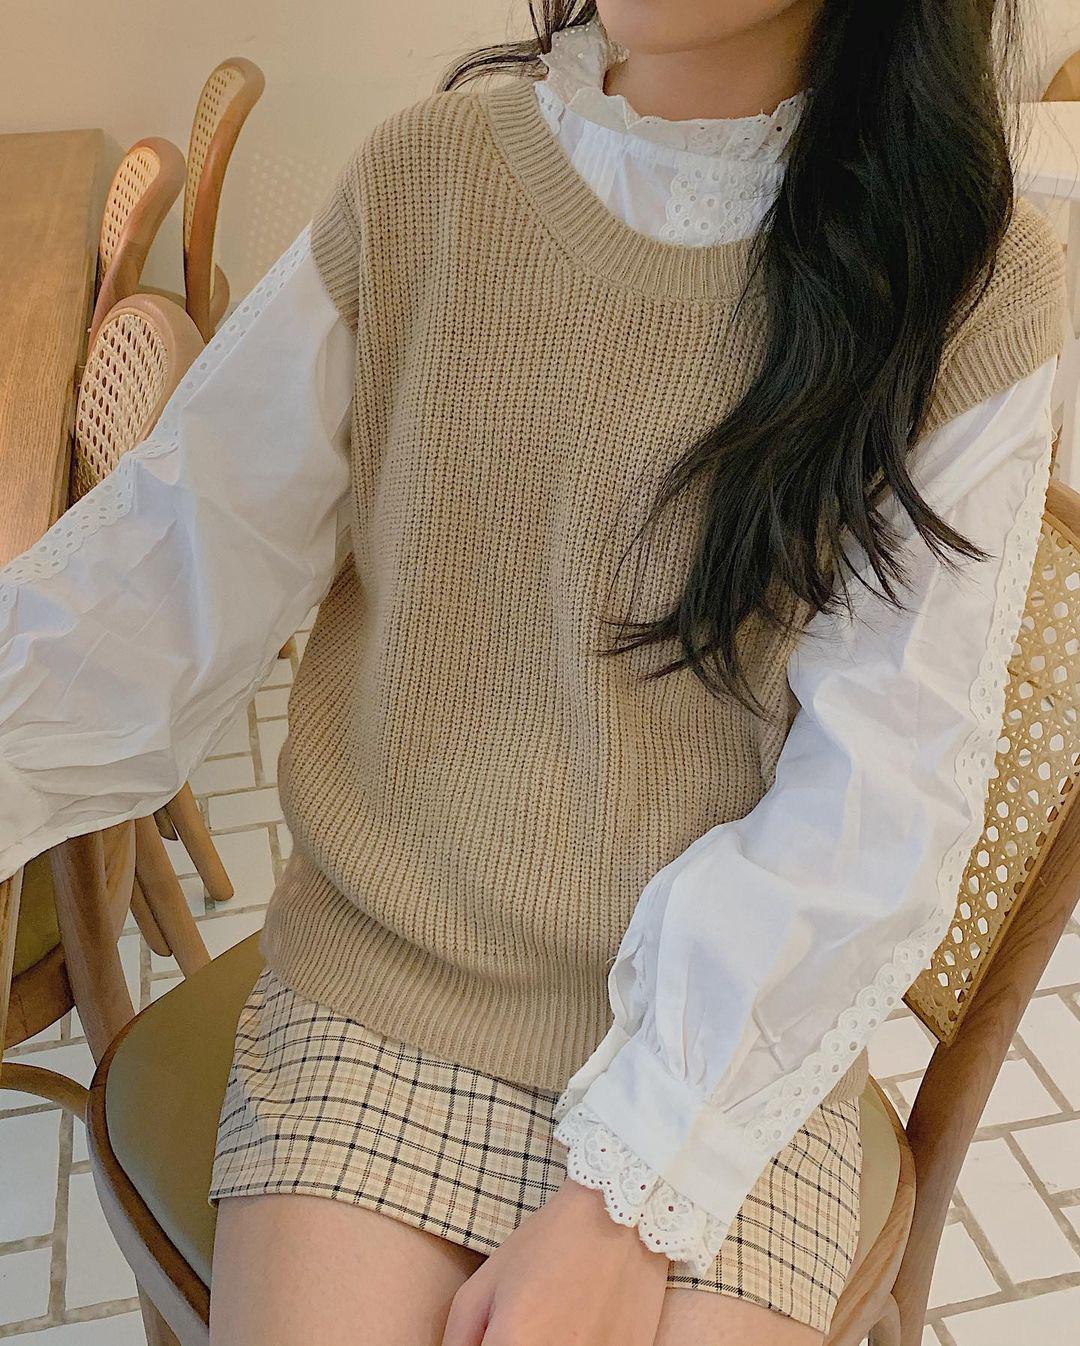 """Ngắm là muốn sắm luôn 10 mẫu áo len sang xịn, phối đồ nào cũng """"ăn rơ"""" - ảnh 17"""